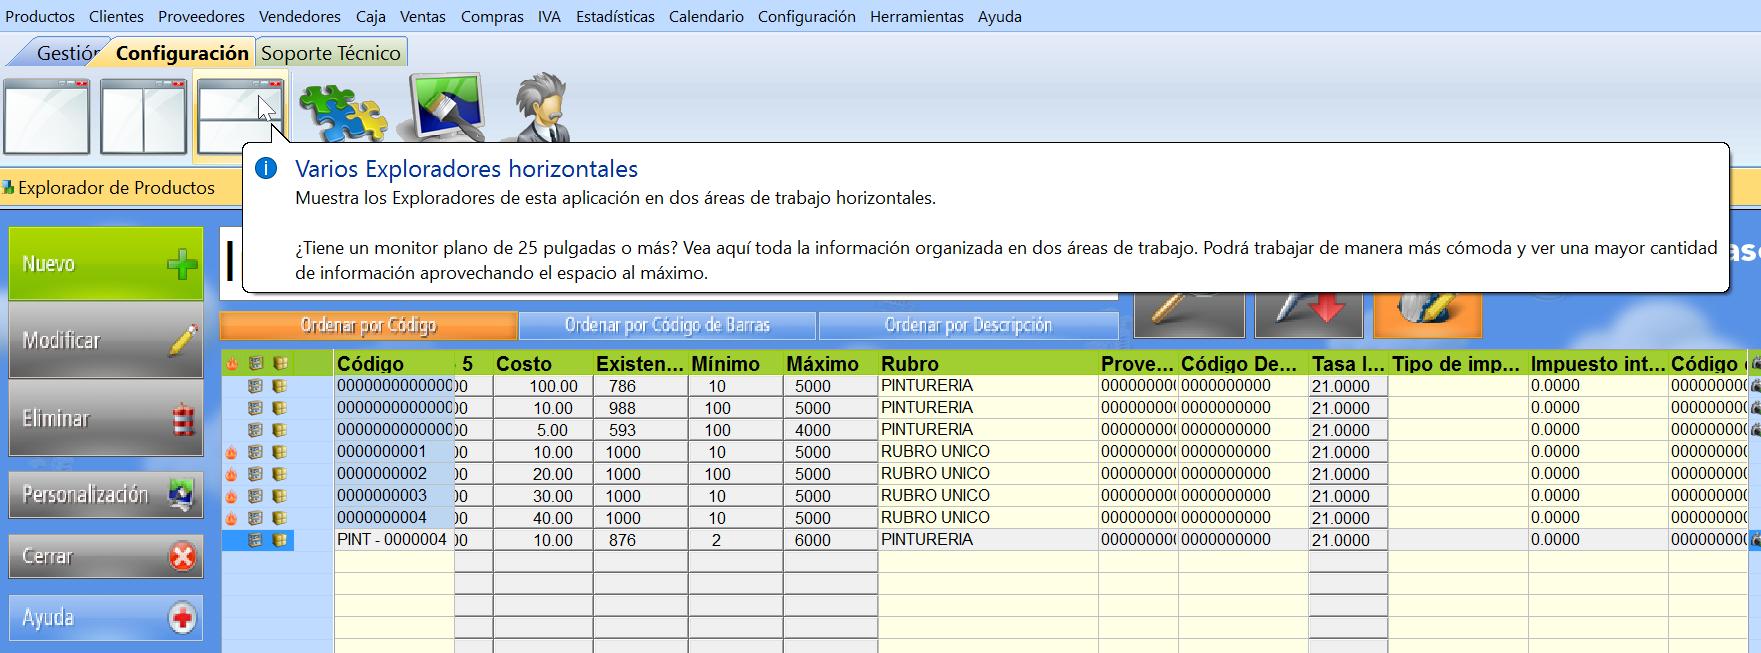 ícono de varios exploradores horizontales en el menu de configuración del software de gestion